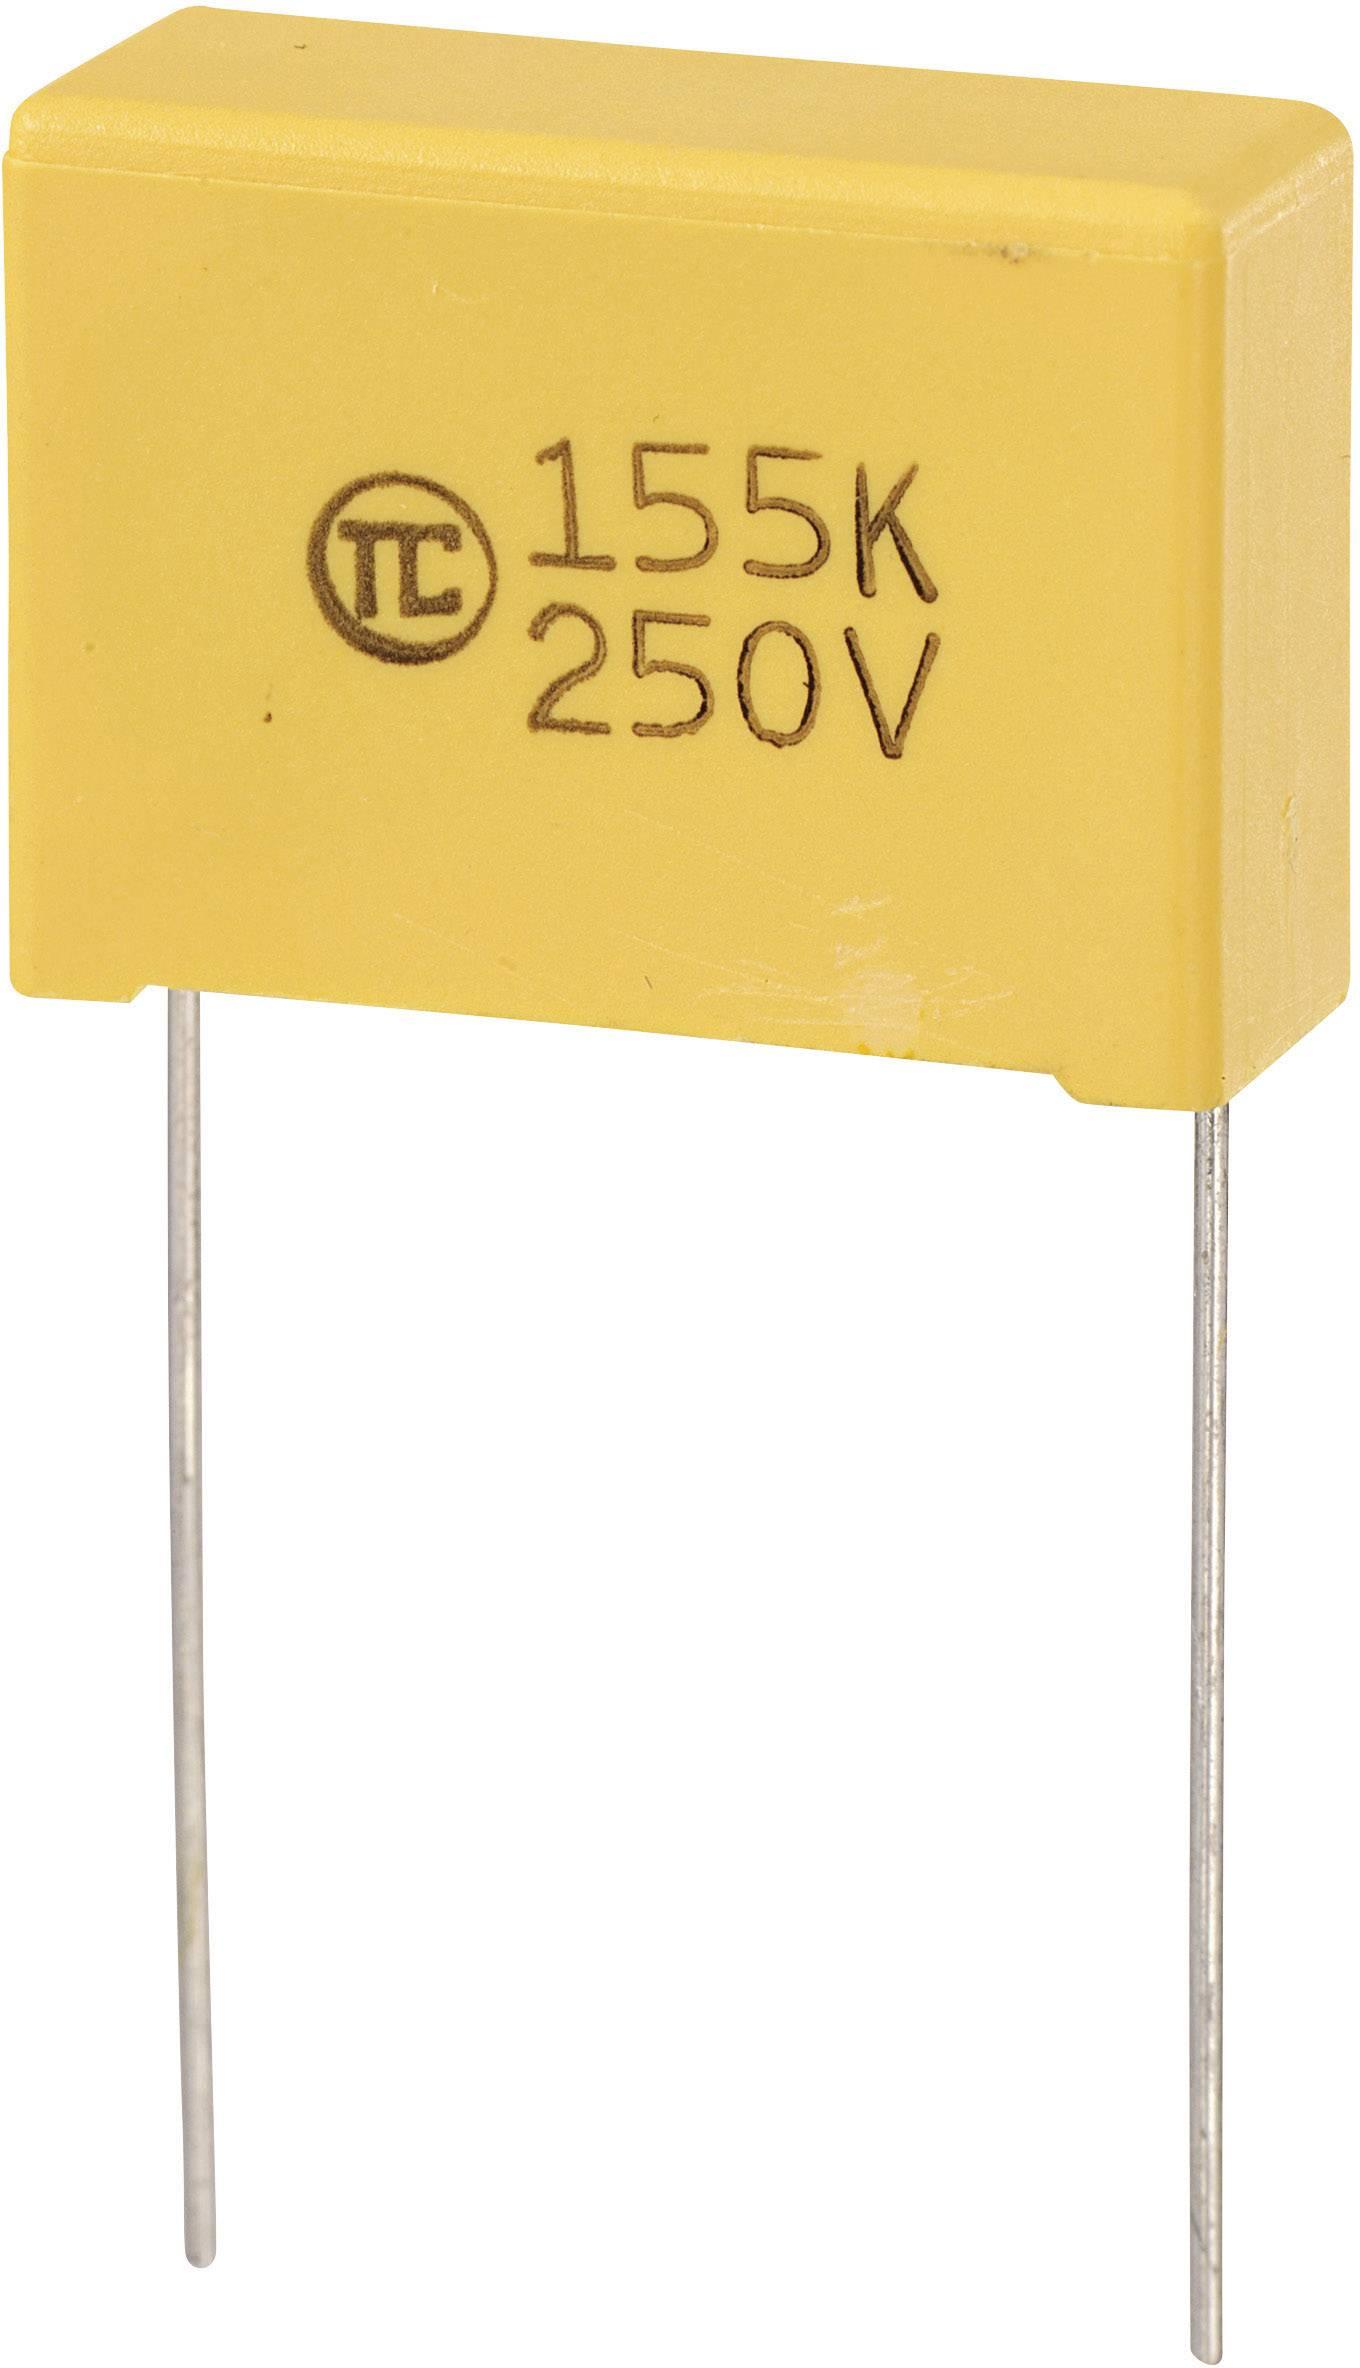 Fóliový kondenzátor MKS radiálne vývody, 1.5 µF, 250 V/DC,5 %, 22.5 mm, (d x š x v) 26.5 x 10 x 19 mm, 1 ks